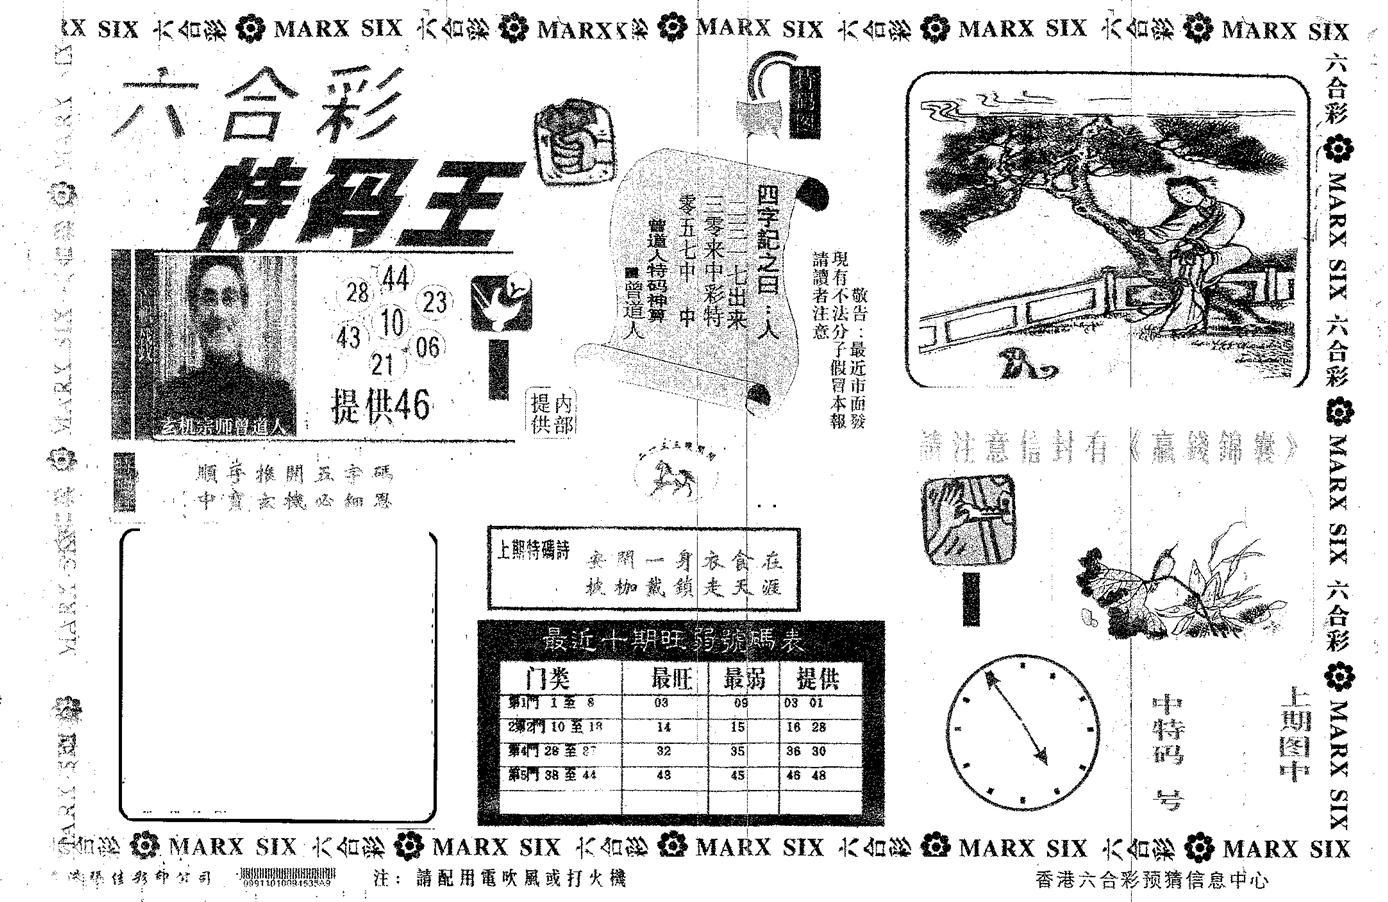 049期特码王B(黑白)